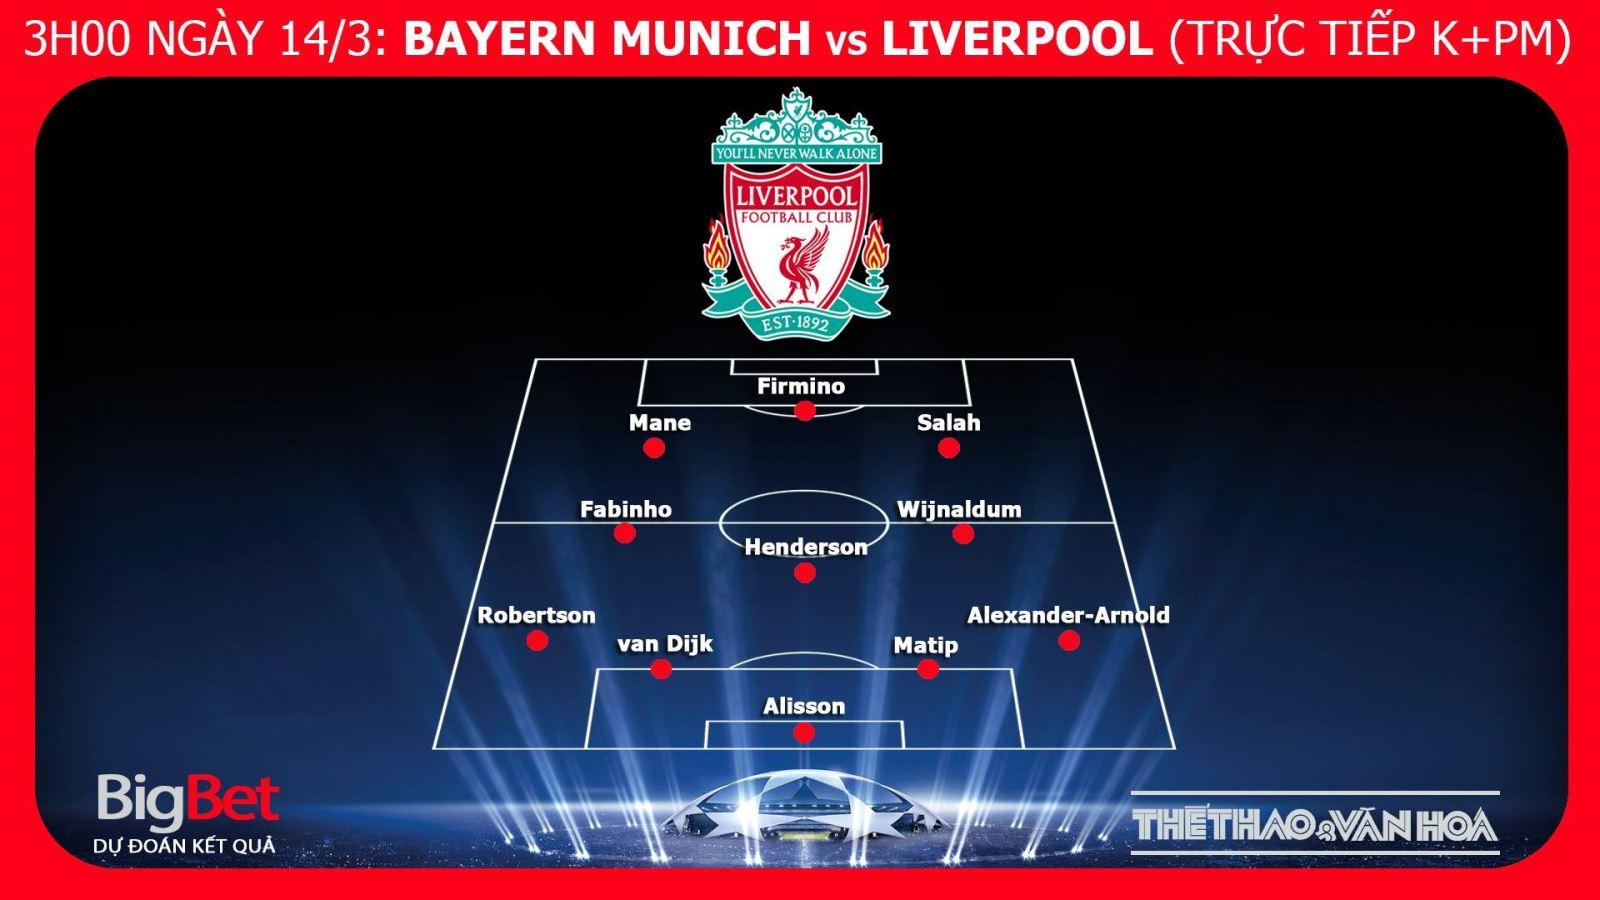 Bayern, Bayern Munich vs Liverpool, trực tiếp bóng đá, Bayern Munich vs Liverpool, truc tiep bong da, soi kèo Bayern Munich vs Liverpool, kèo Bayern Munich vs Liverpool, kèo bóng đá, nhận định Bayern Munich vs Liverpool, dự đoán bóng đá